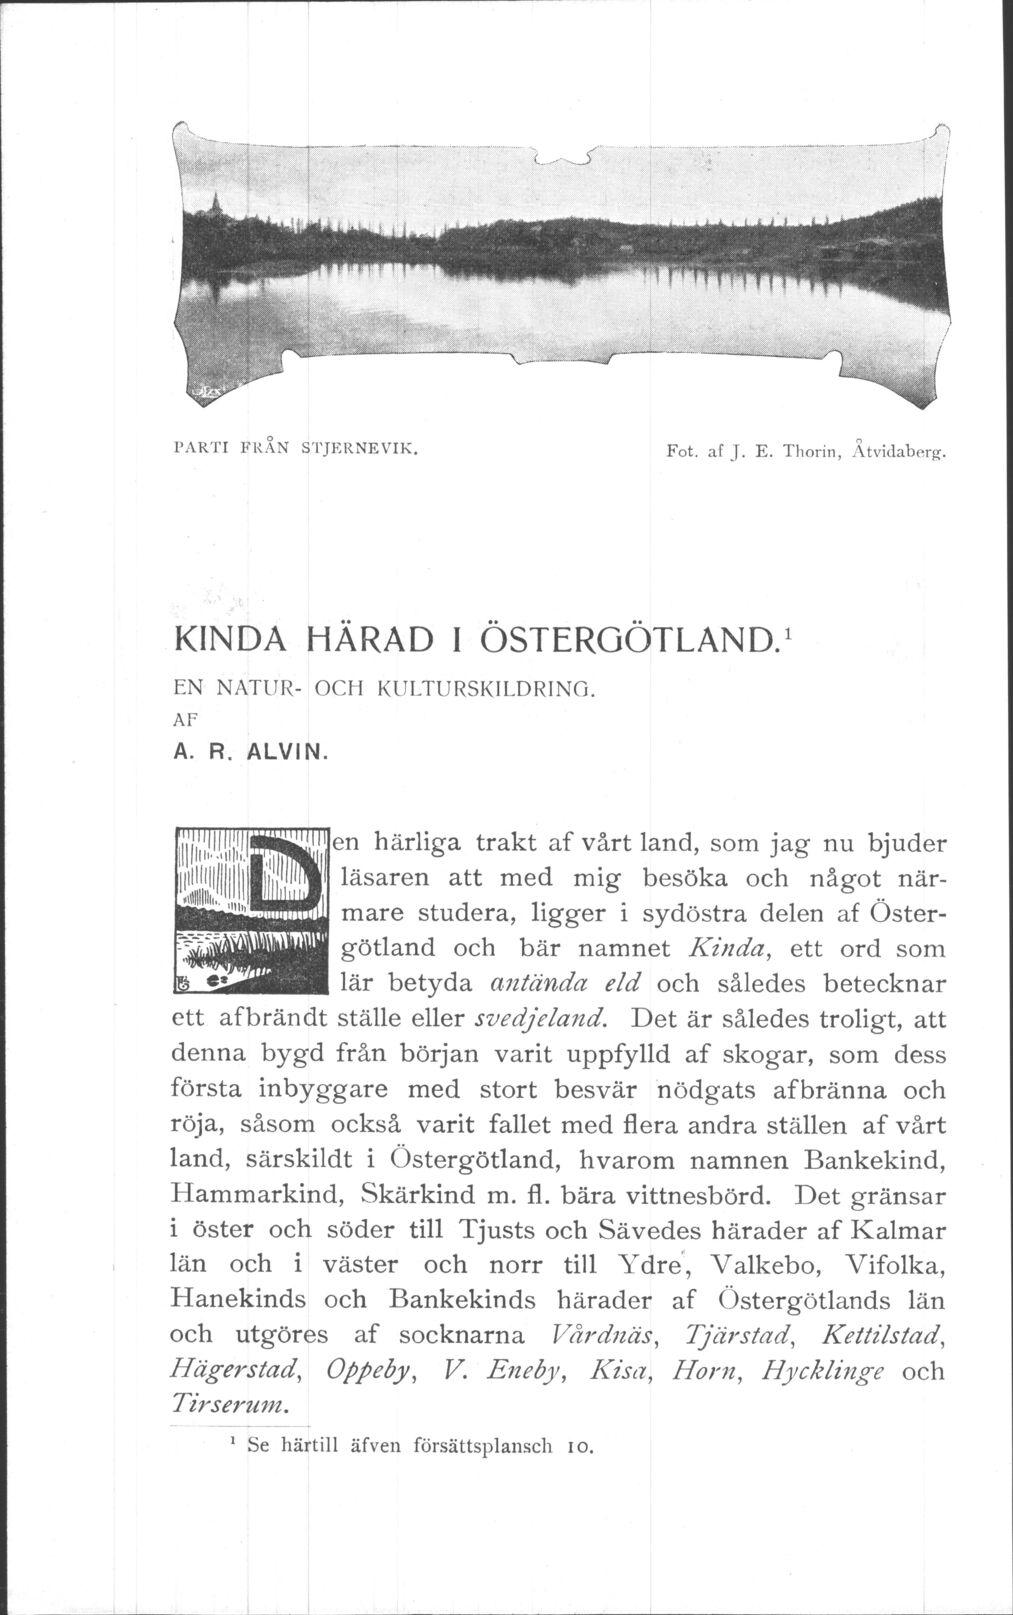 236 Svenska Turistforeningens Arsskrift 1905